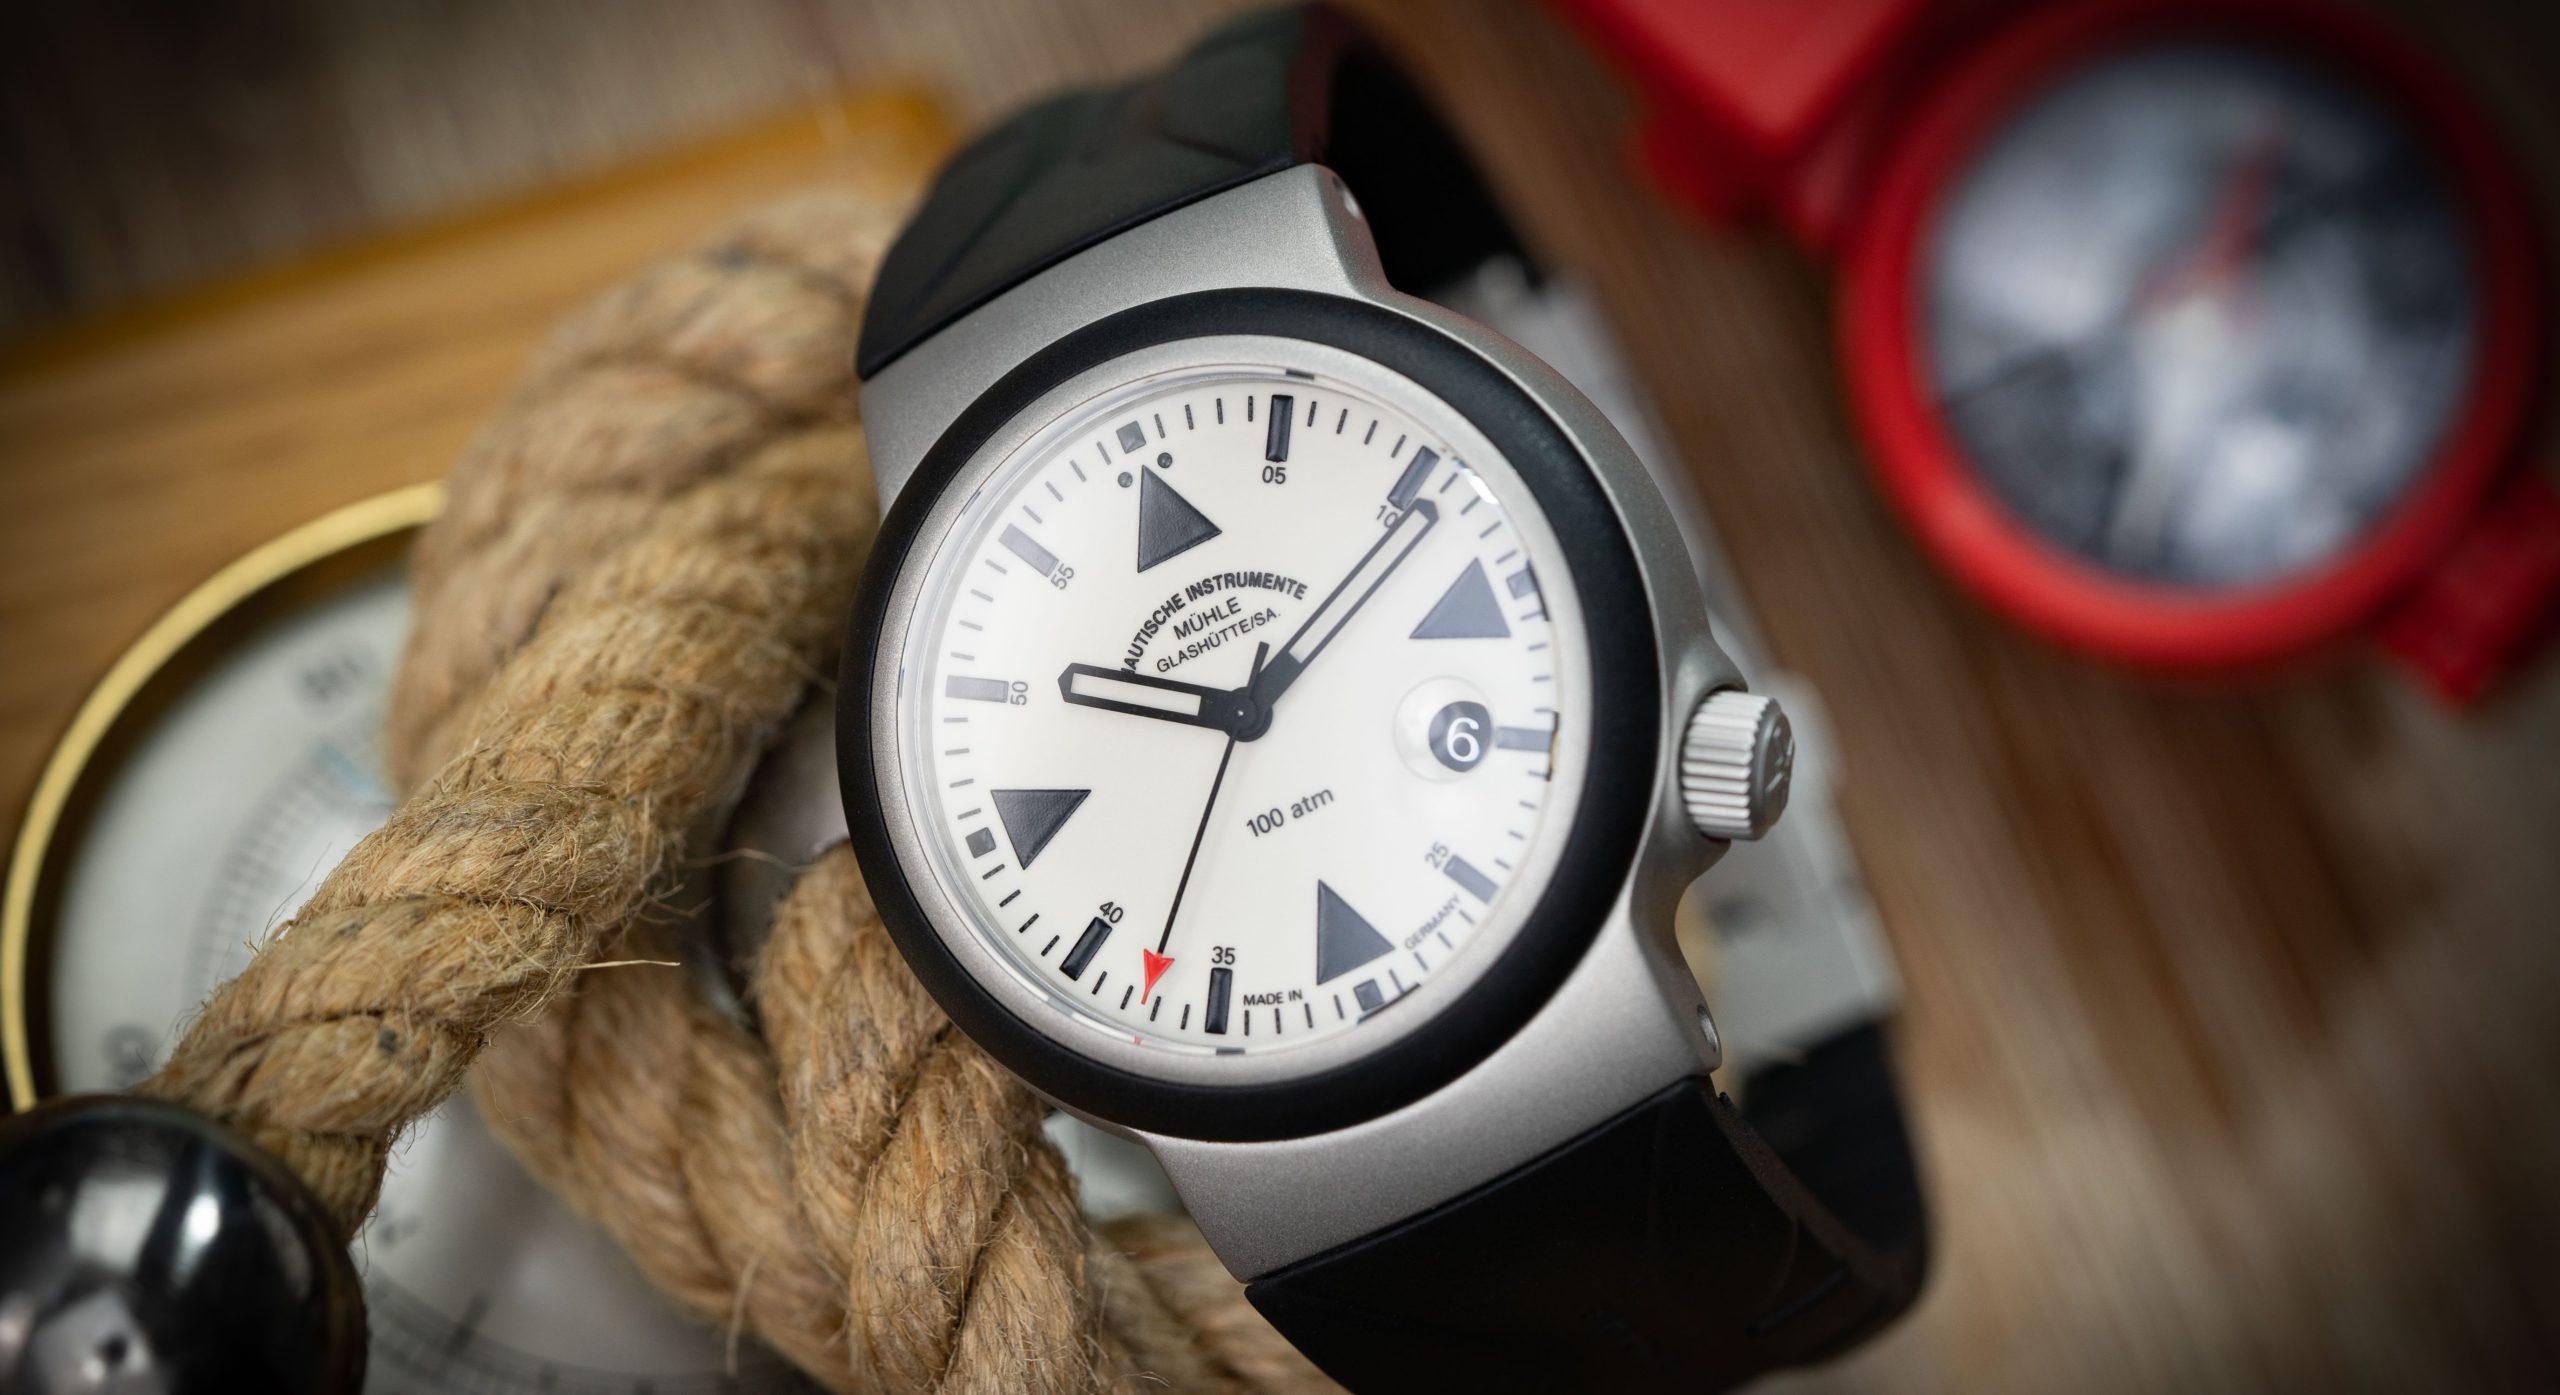 Mühle-Glashütte S.A.R. Rescue-Timer LUMEN: die Seenotretter-Uhr im Test